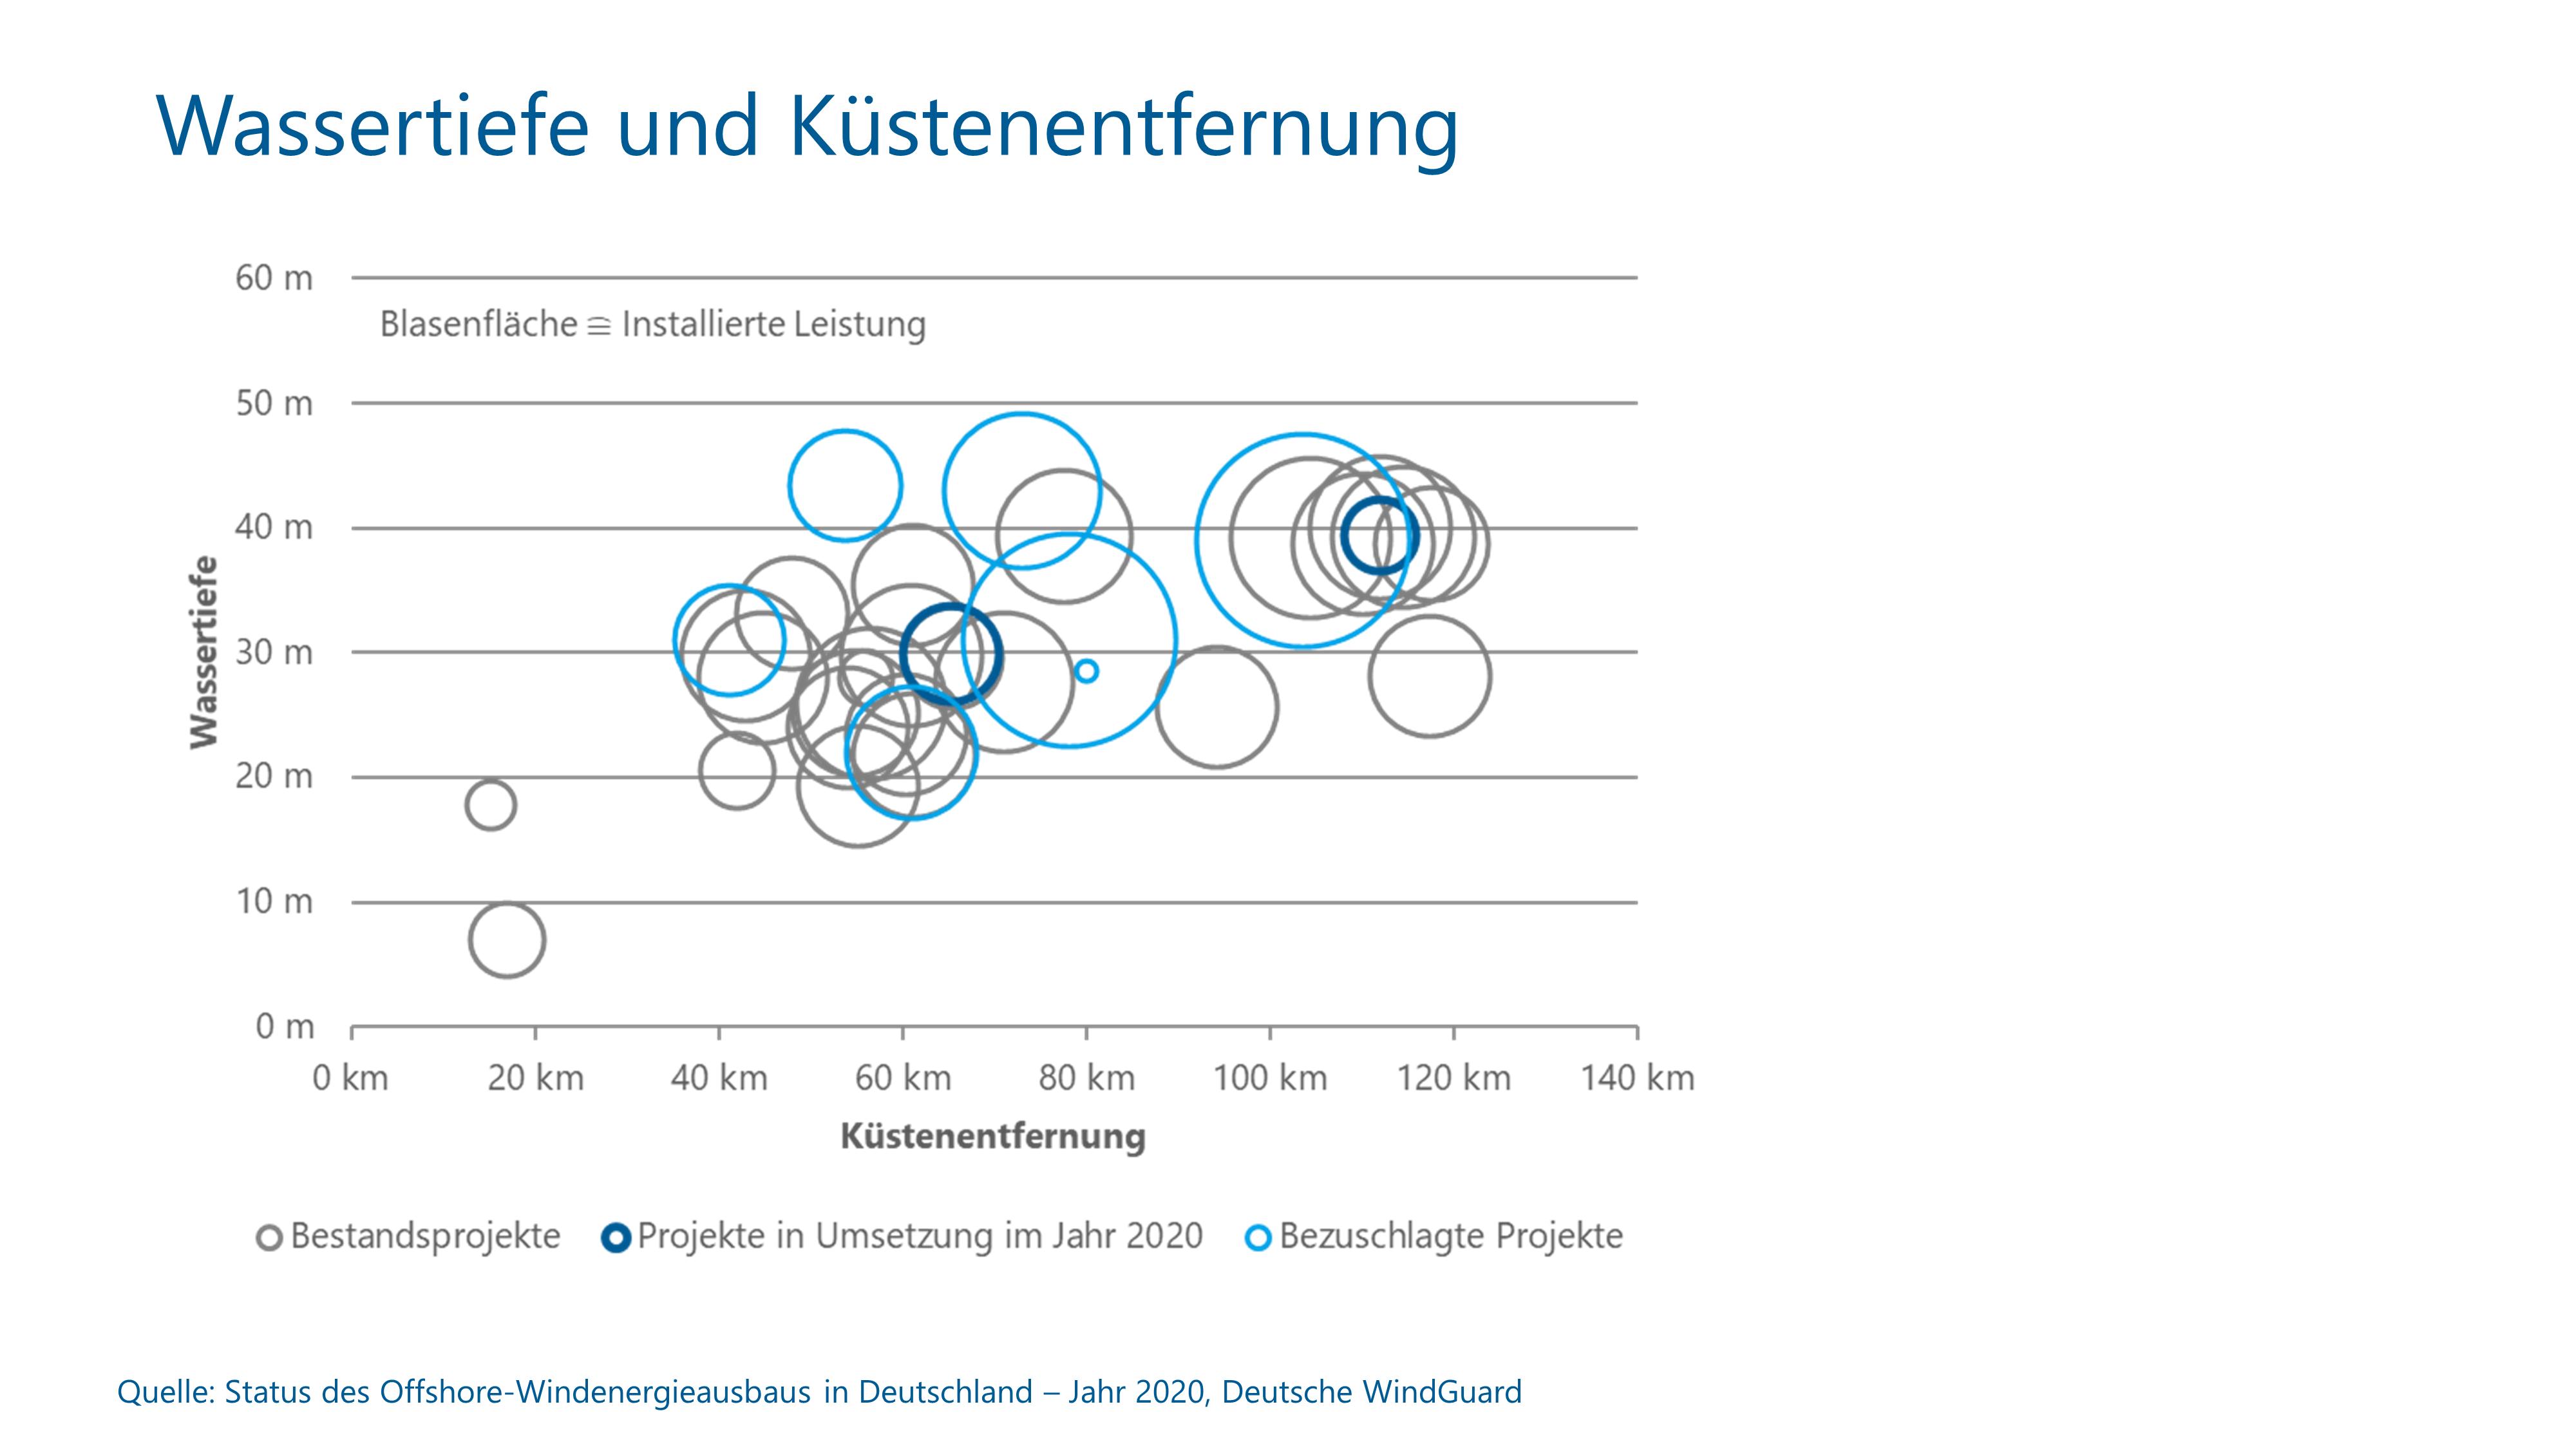 Wassertiefe & Küstenentfernung von OWPs in Deutschland